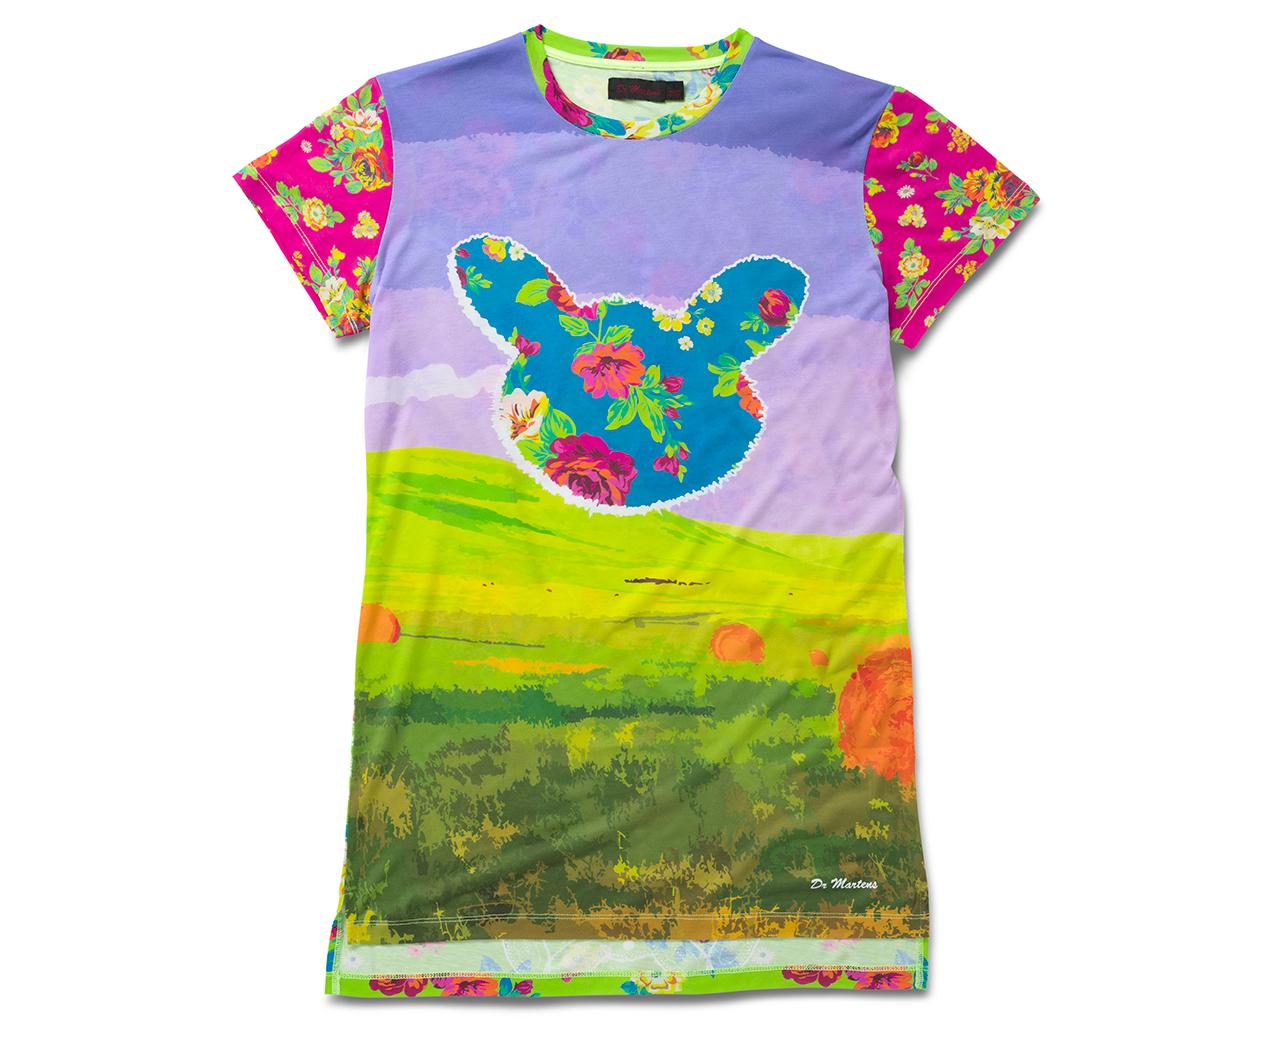 daze t-shirt dress